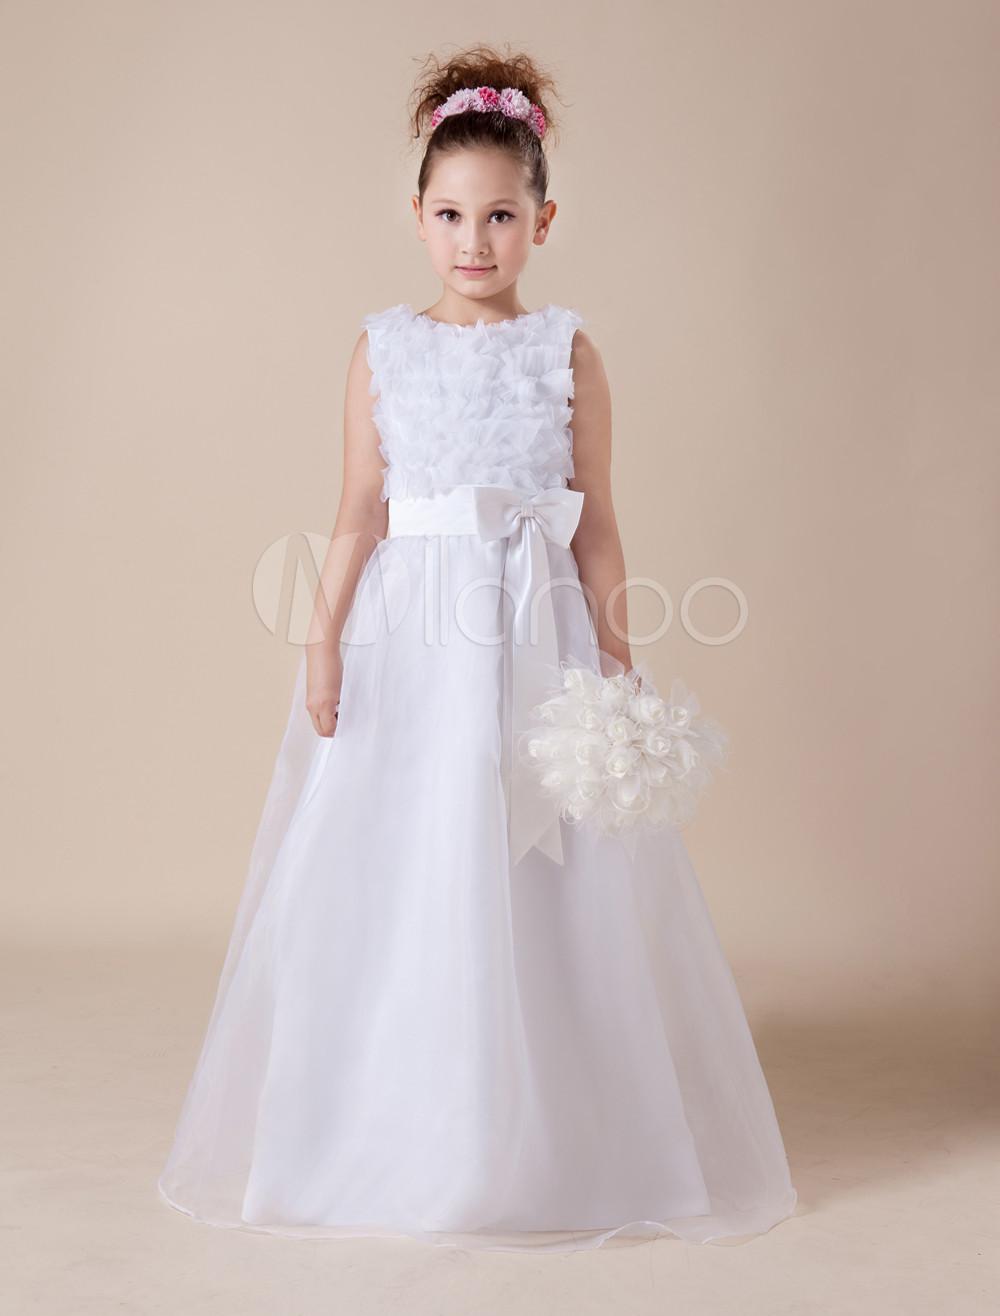 White Flower Girl Dress Floor-Length Sash Bow Tulle  Dress